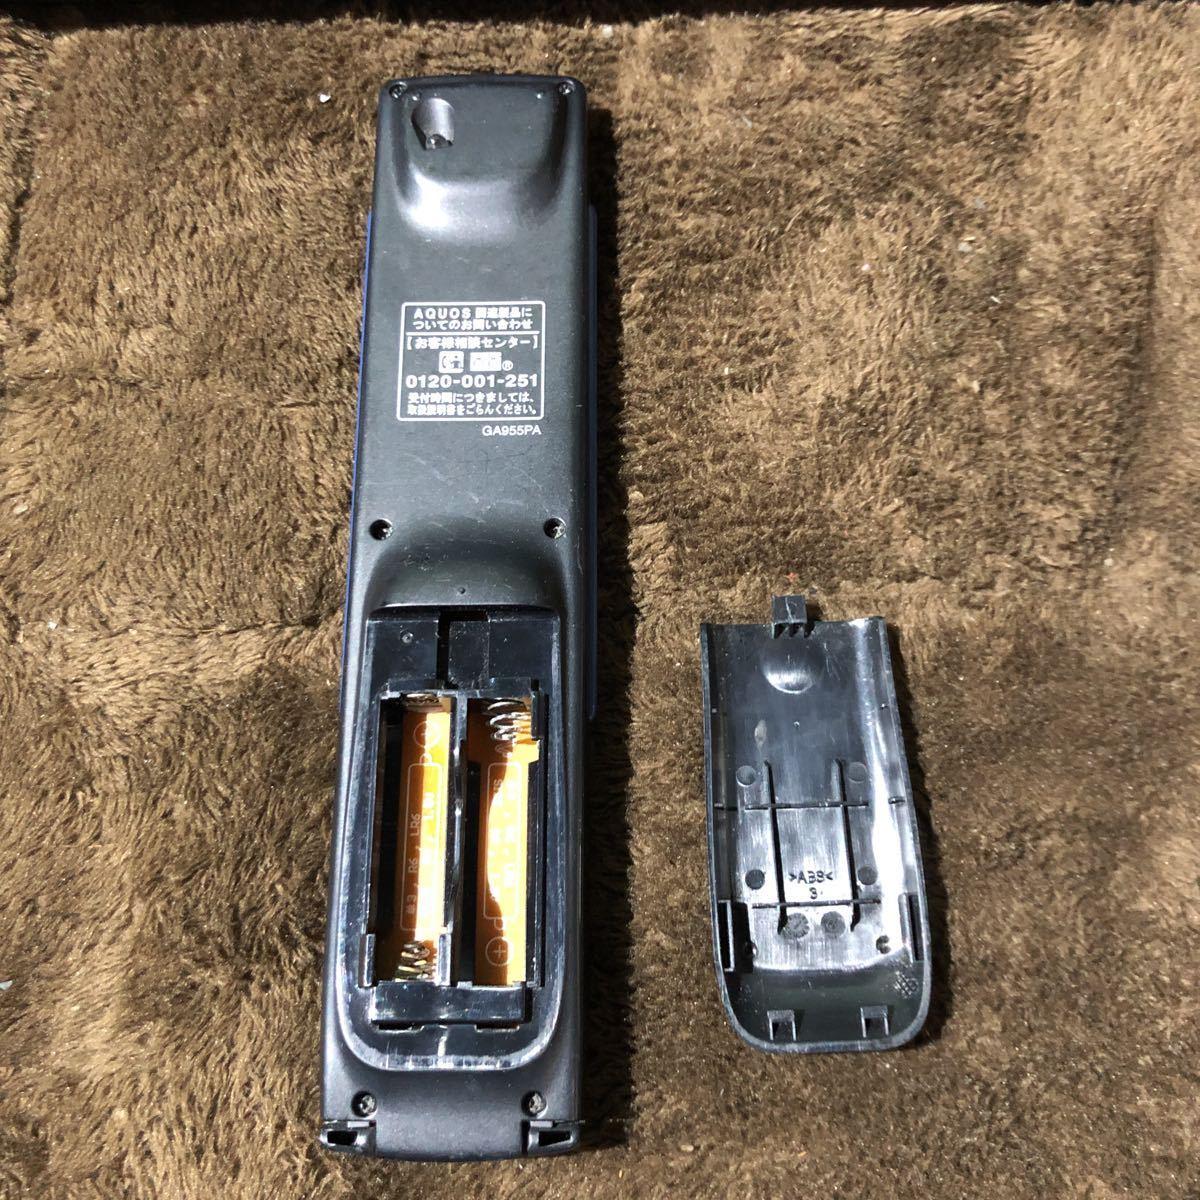 SHARP シャープ BD-HDS53 ブルーレイレコーダー 通電OK 電源コード・リモコン・B-CASカード付き 現状品_画像10